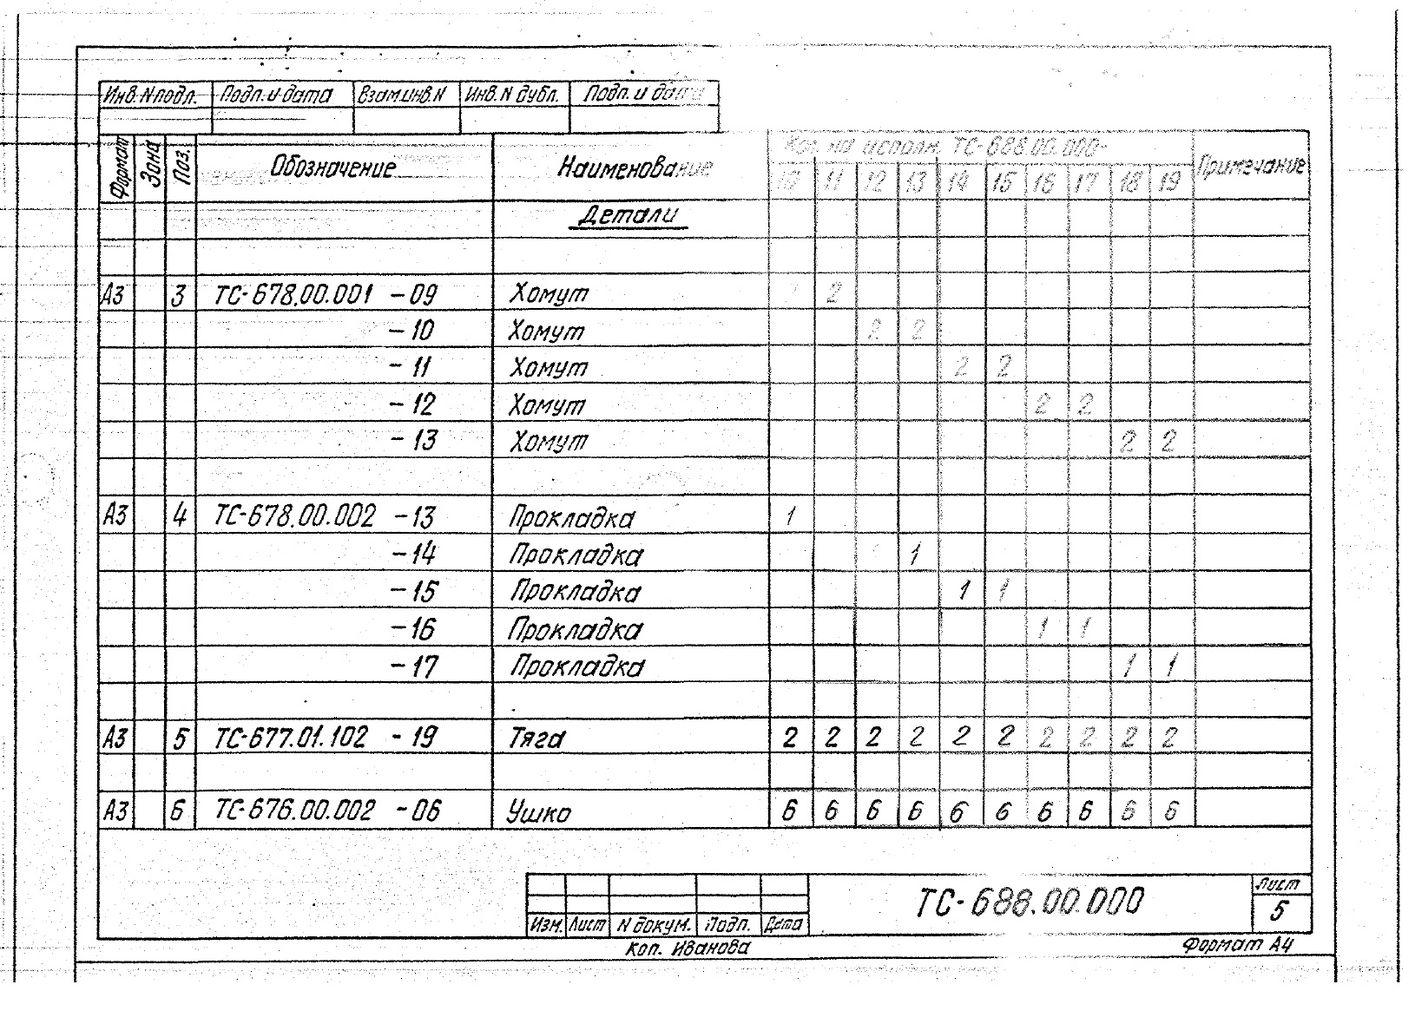 Подвески пружинные для горизонтальных трубопроводов Дн 377-1420 мм ТС-688.00.000 СБ серия 5.903-13 выпуск 6-95 стр.7